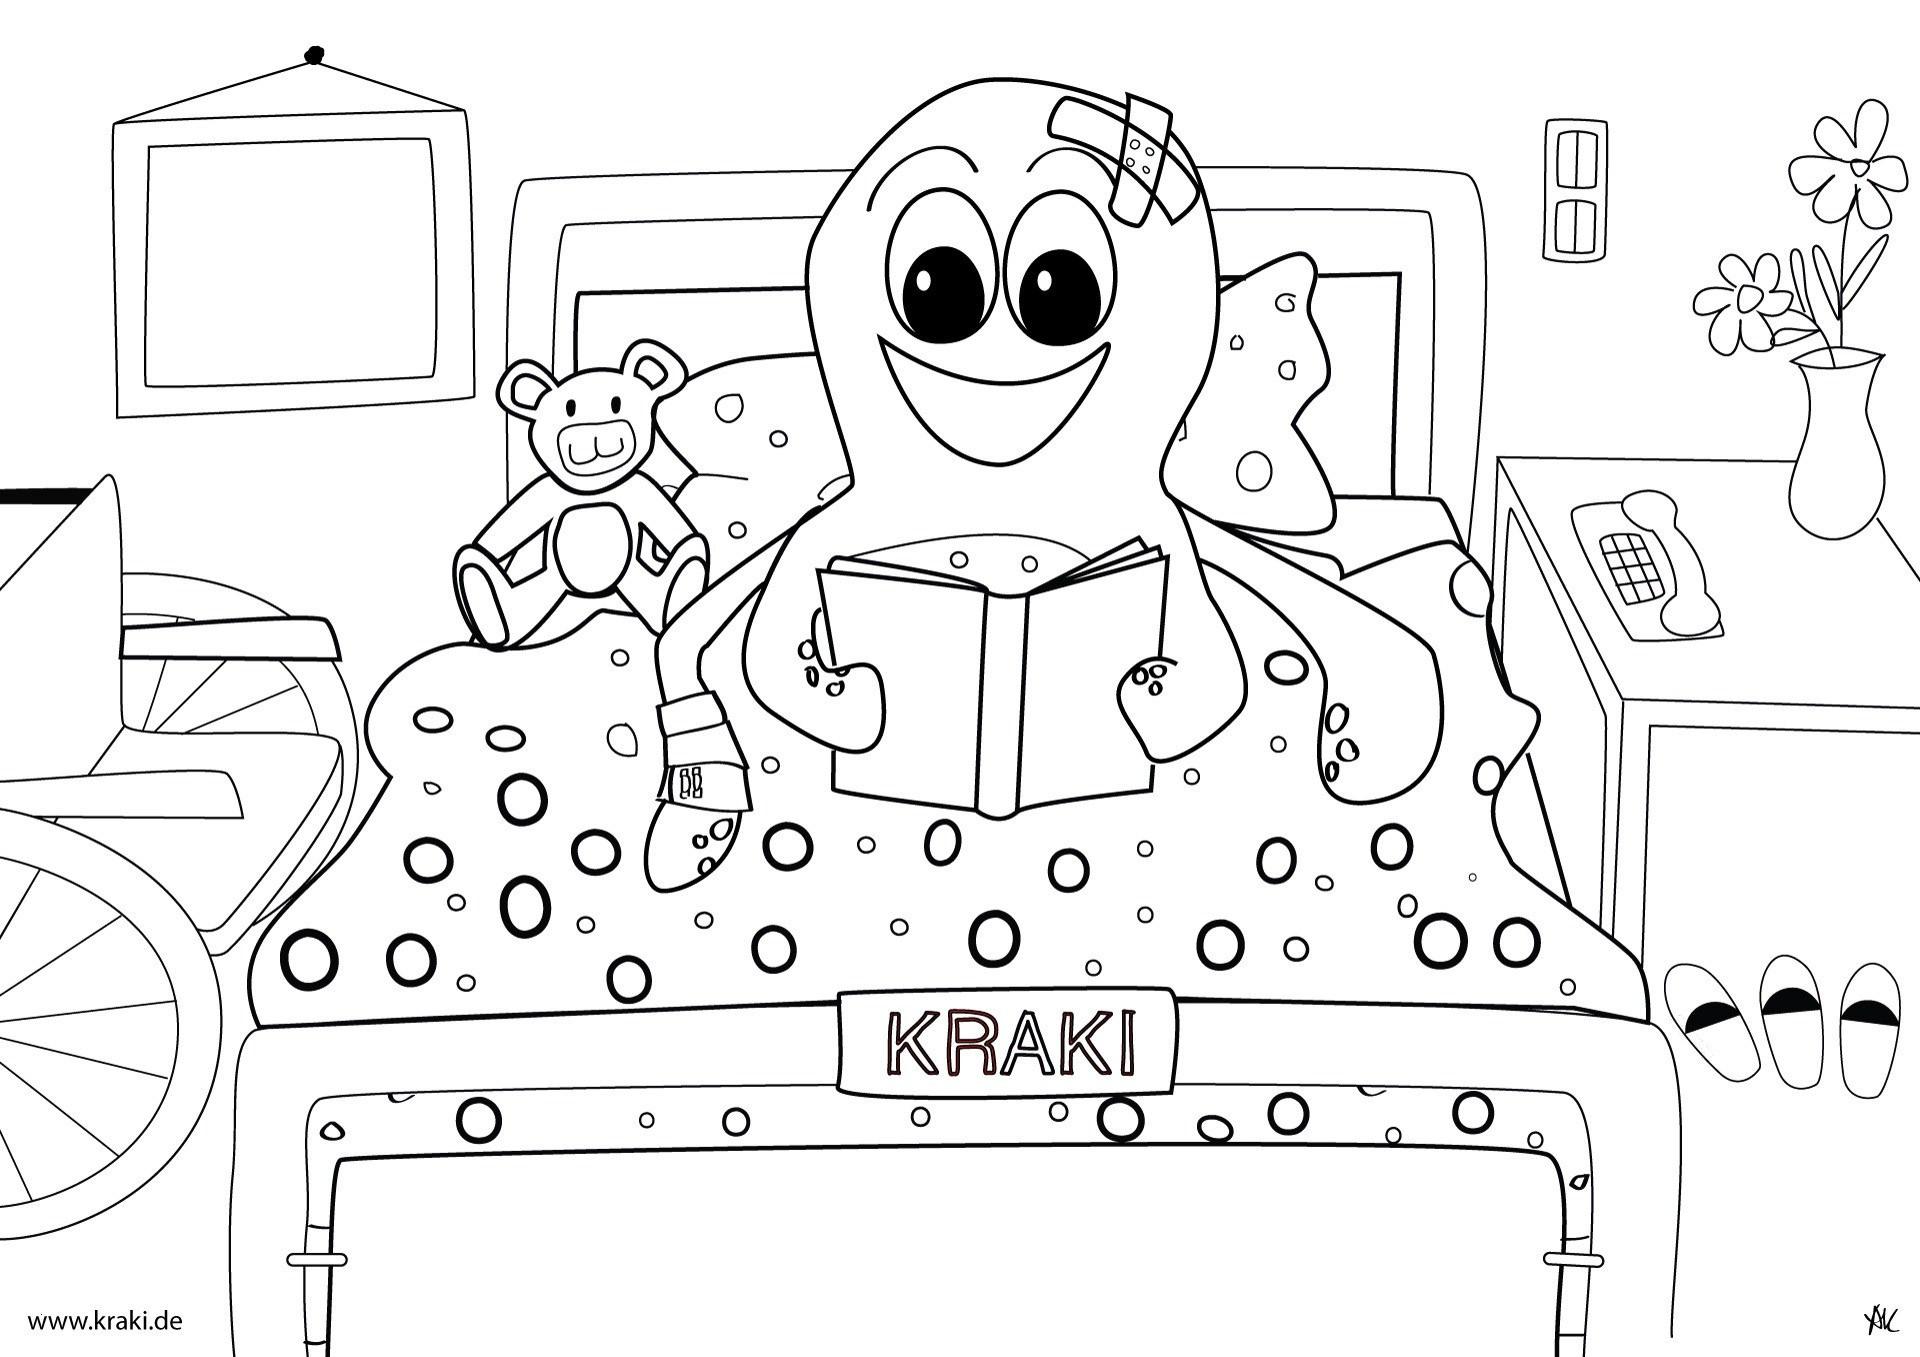 Mops Zum Ausmalen Inspirierend 35 Mops Ausmalbilder Scoredatscore Einzigartig Ausmalbilder Baby Fotos